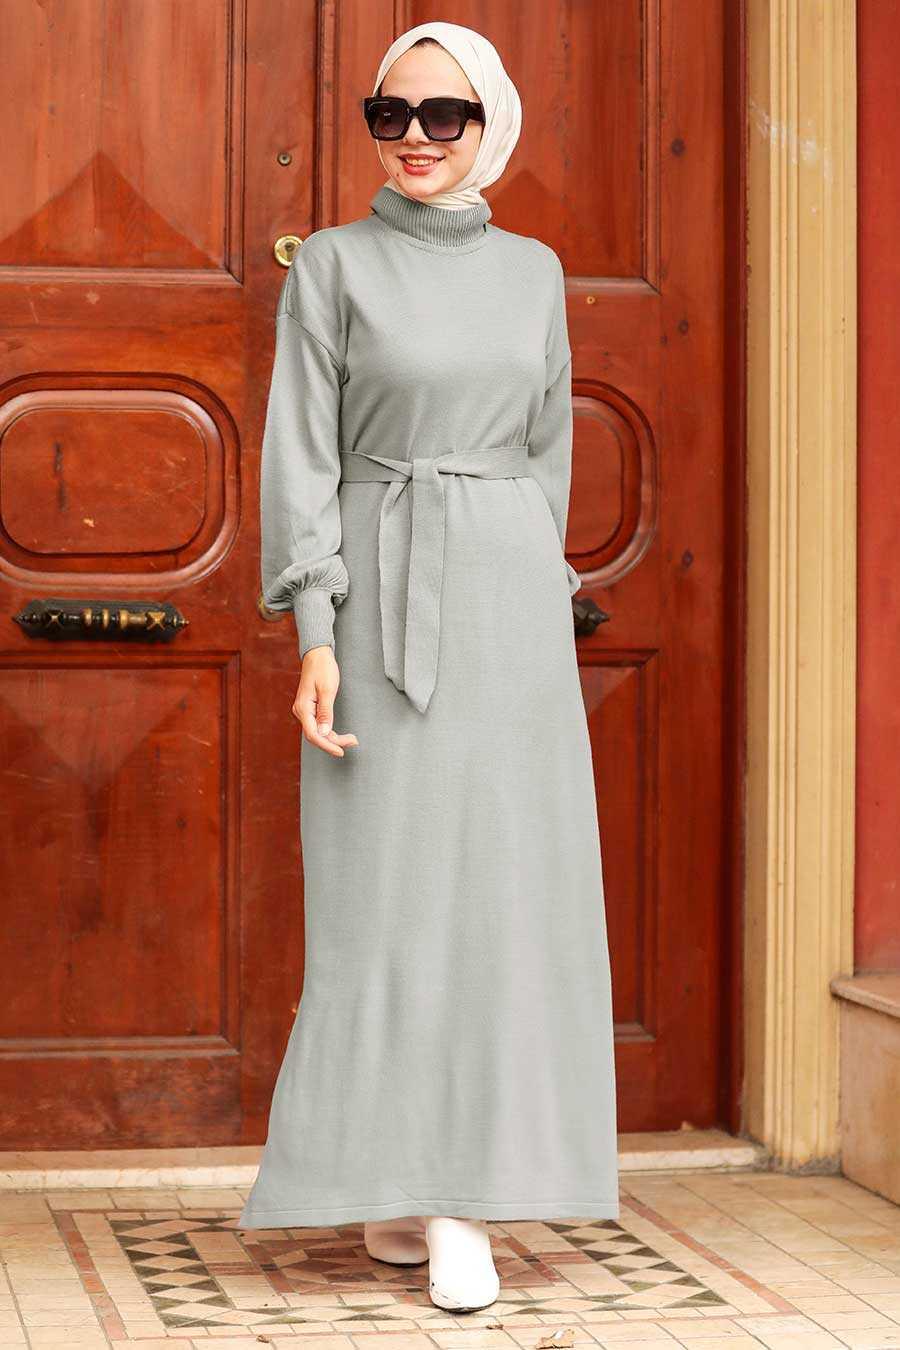 Grey Hijab Knitwear Dress 3135GR